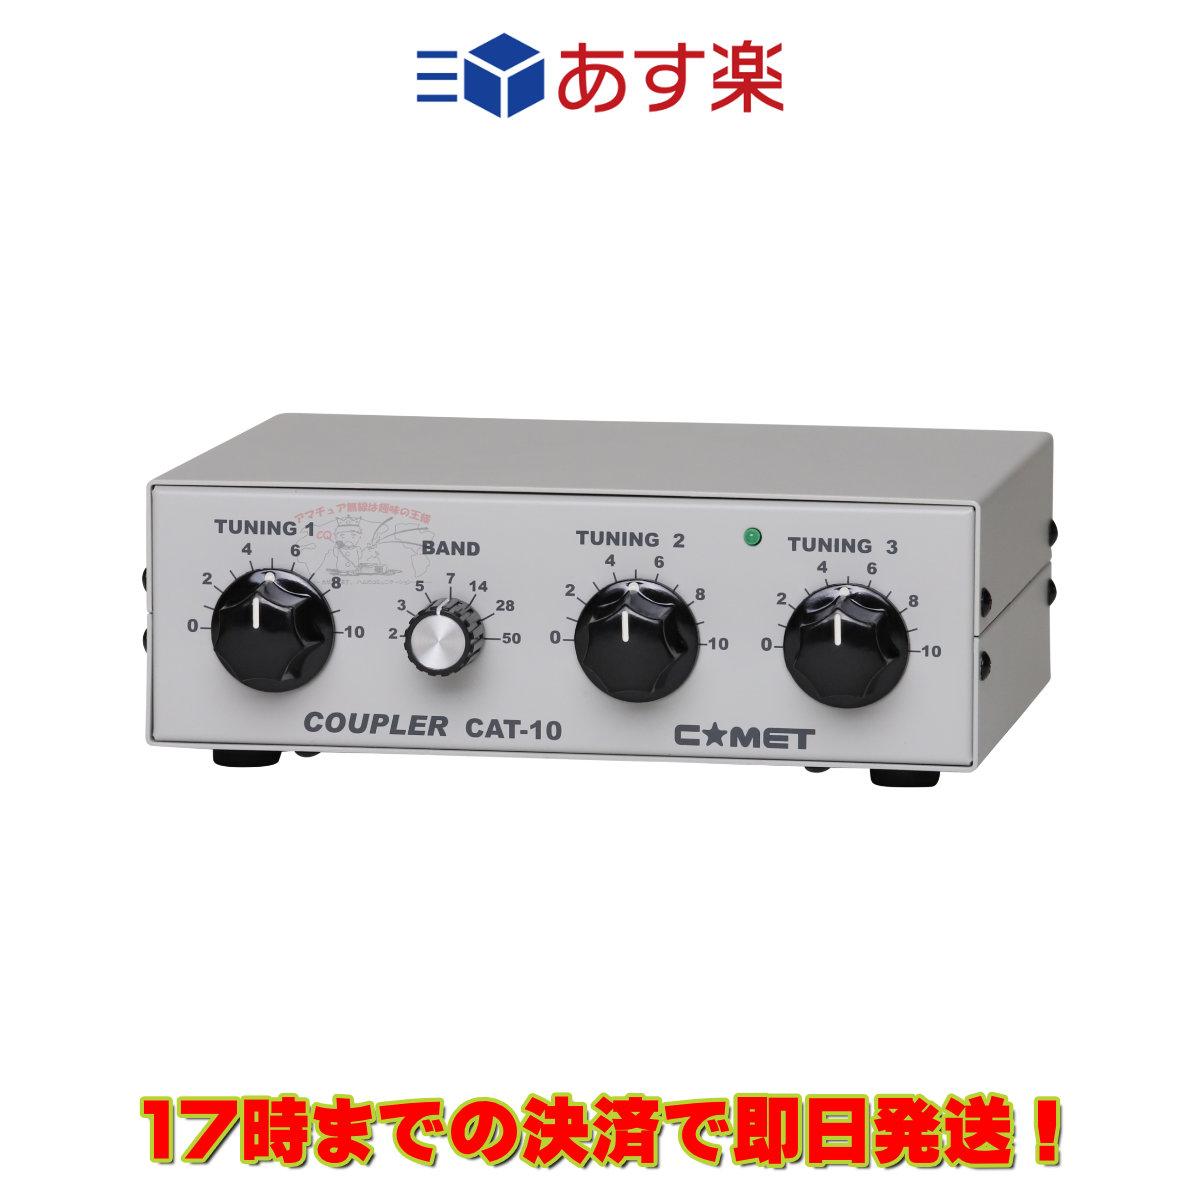 3.5MHz~50MHz QRP 10W ワークバンド含む ホワイトバージョン 至高 マート 小型アンテナカプラー CAT-10A コメット